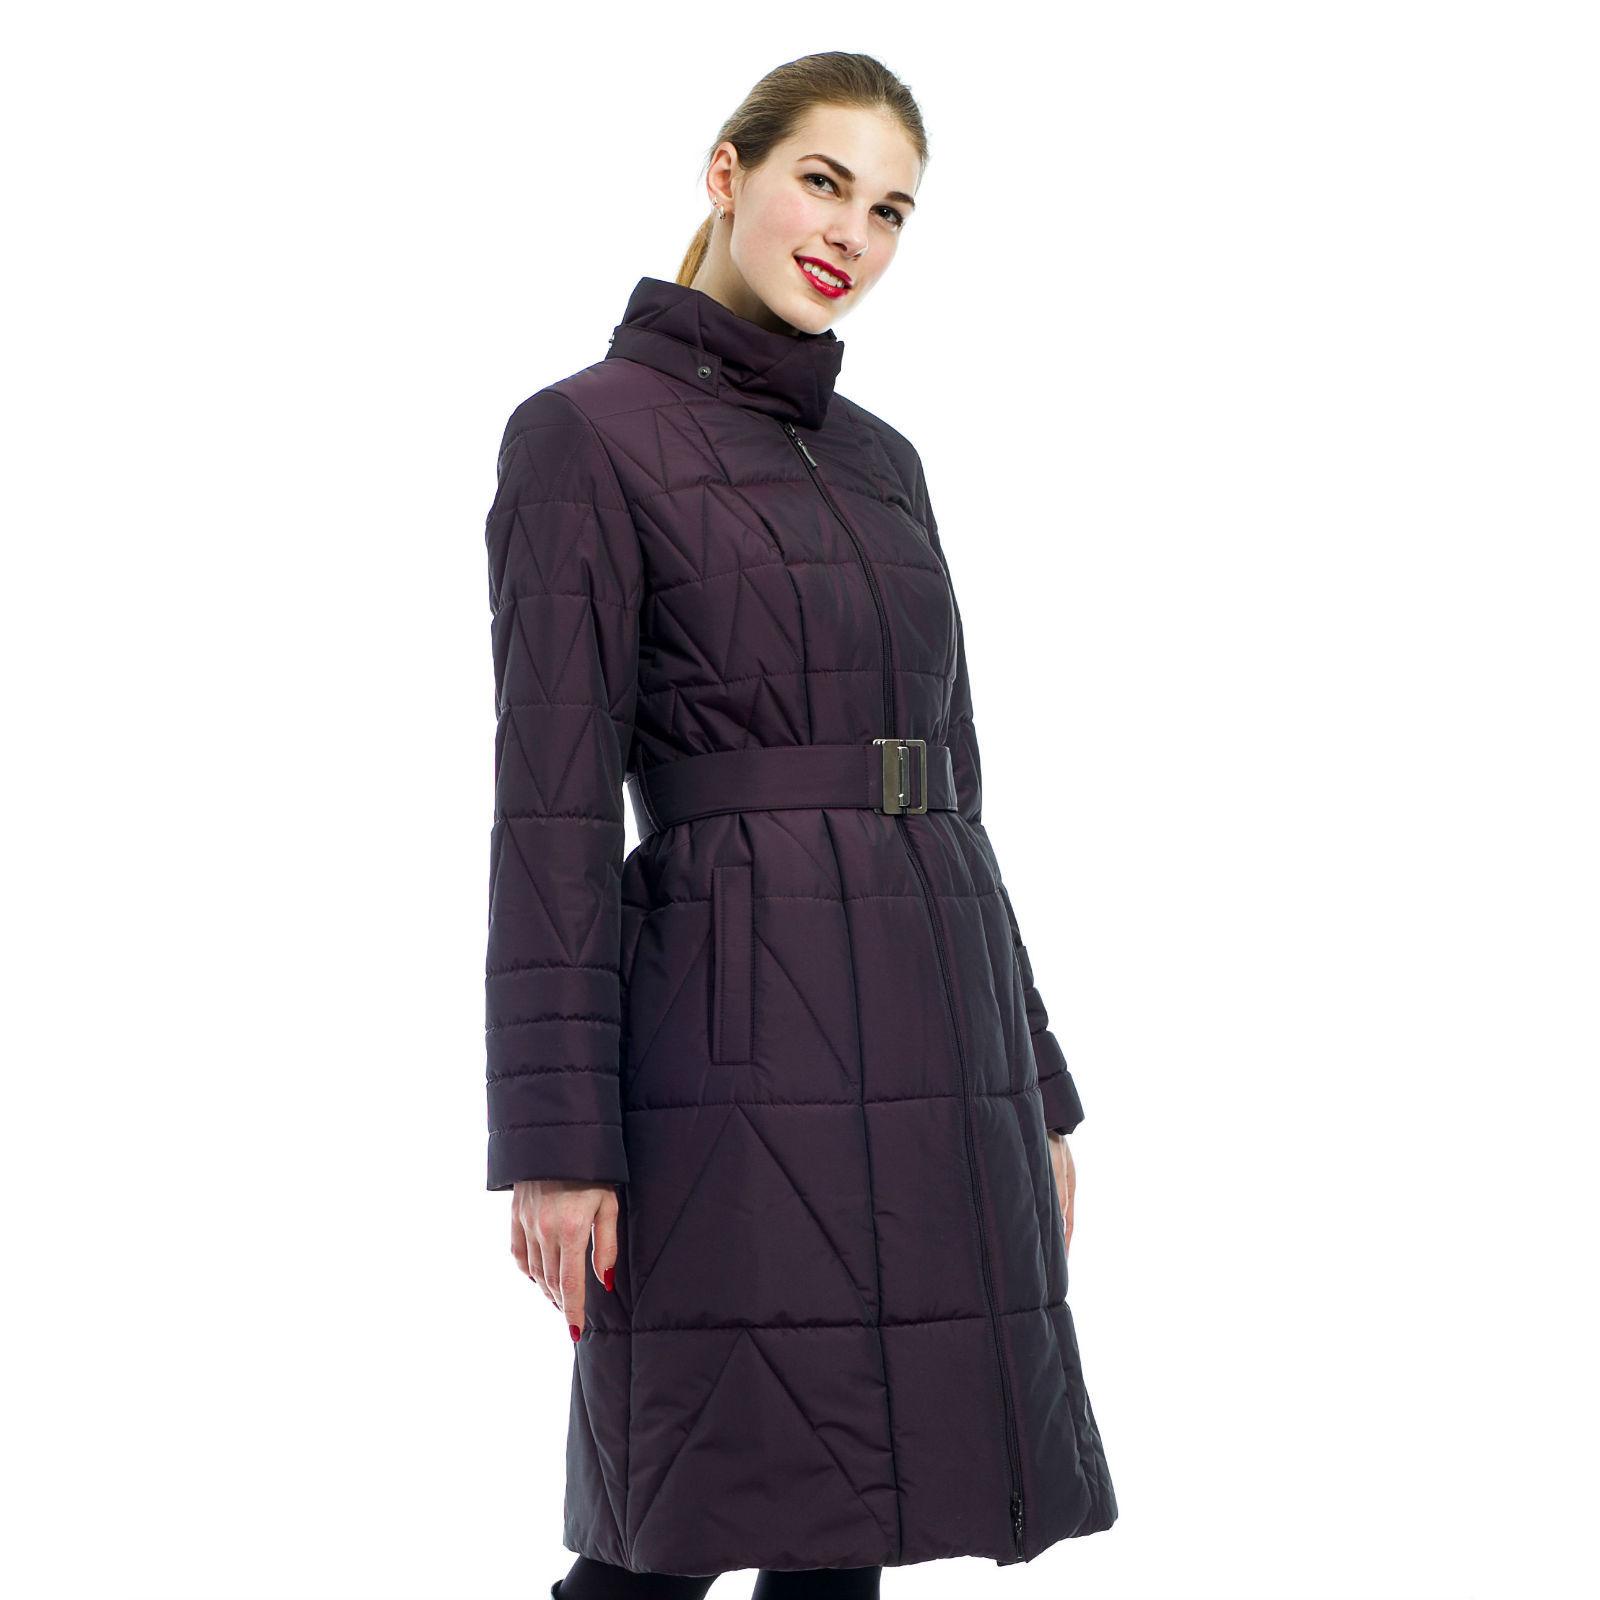 Купить Женское зимнее пальто Diamond (Даймонд) по выгодной цене от ... 15c0fdb103c4a